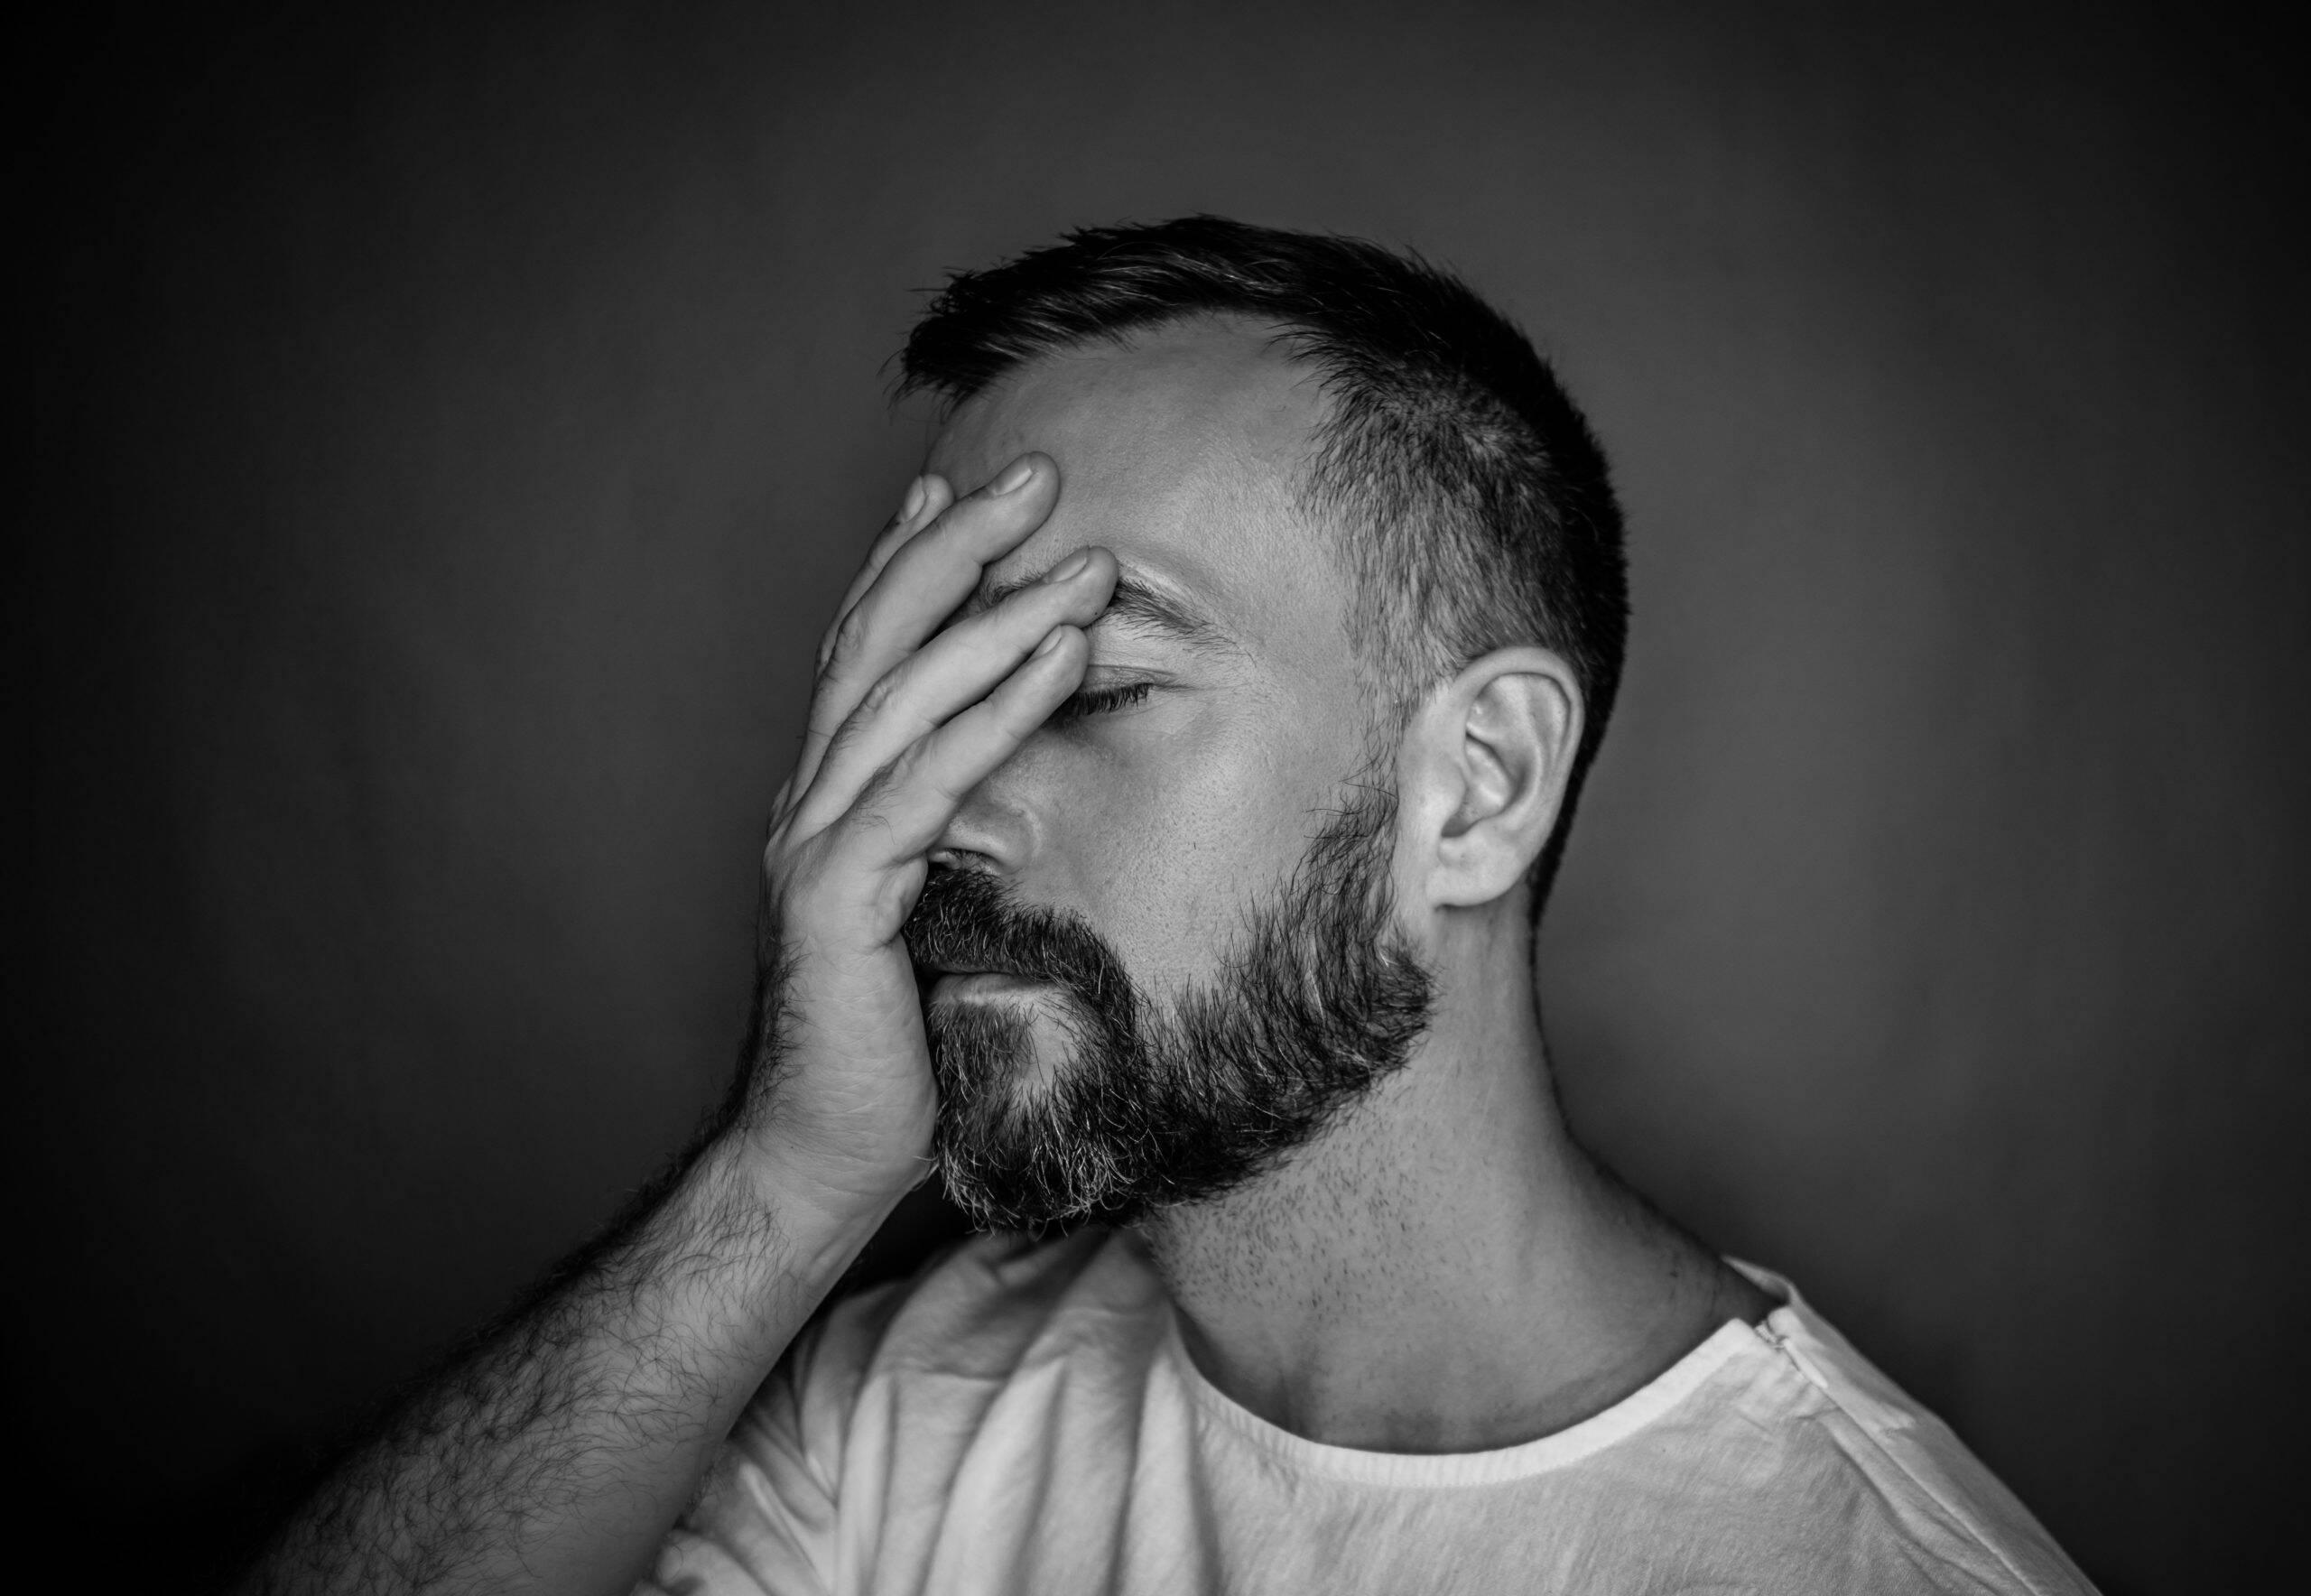 A ansiedade também pode ocasionar falta de concentração, pensamento acelerado ou pensamentos indesejados. (Foto: Pexels)